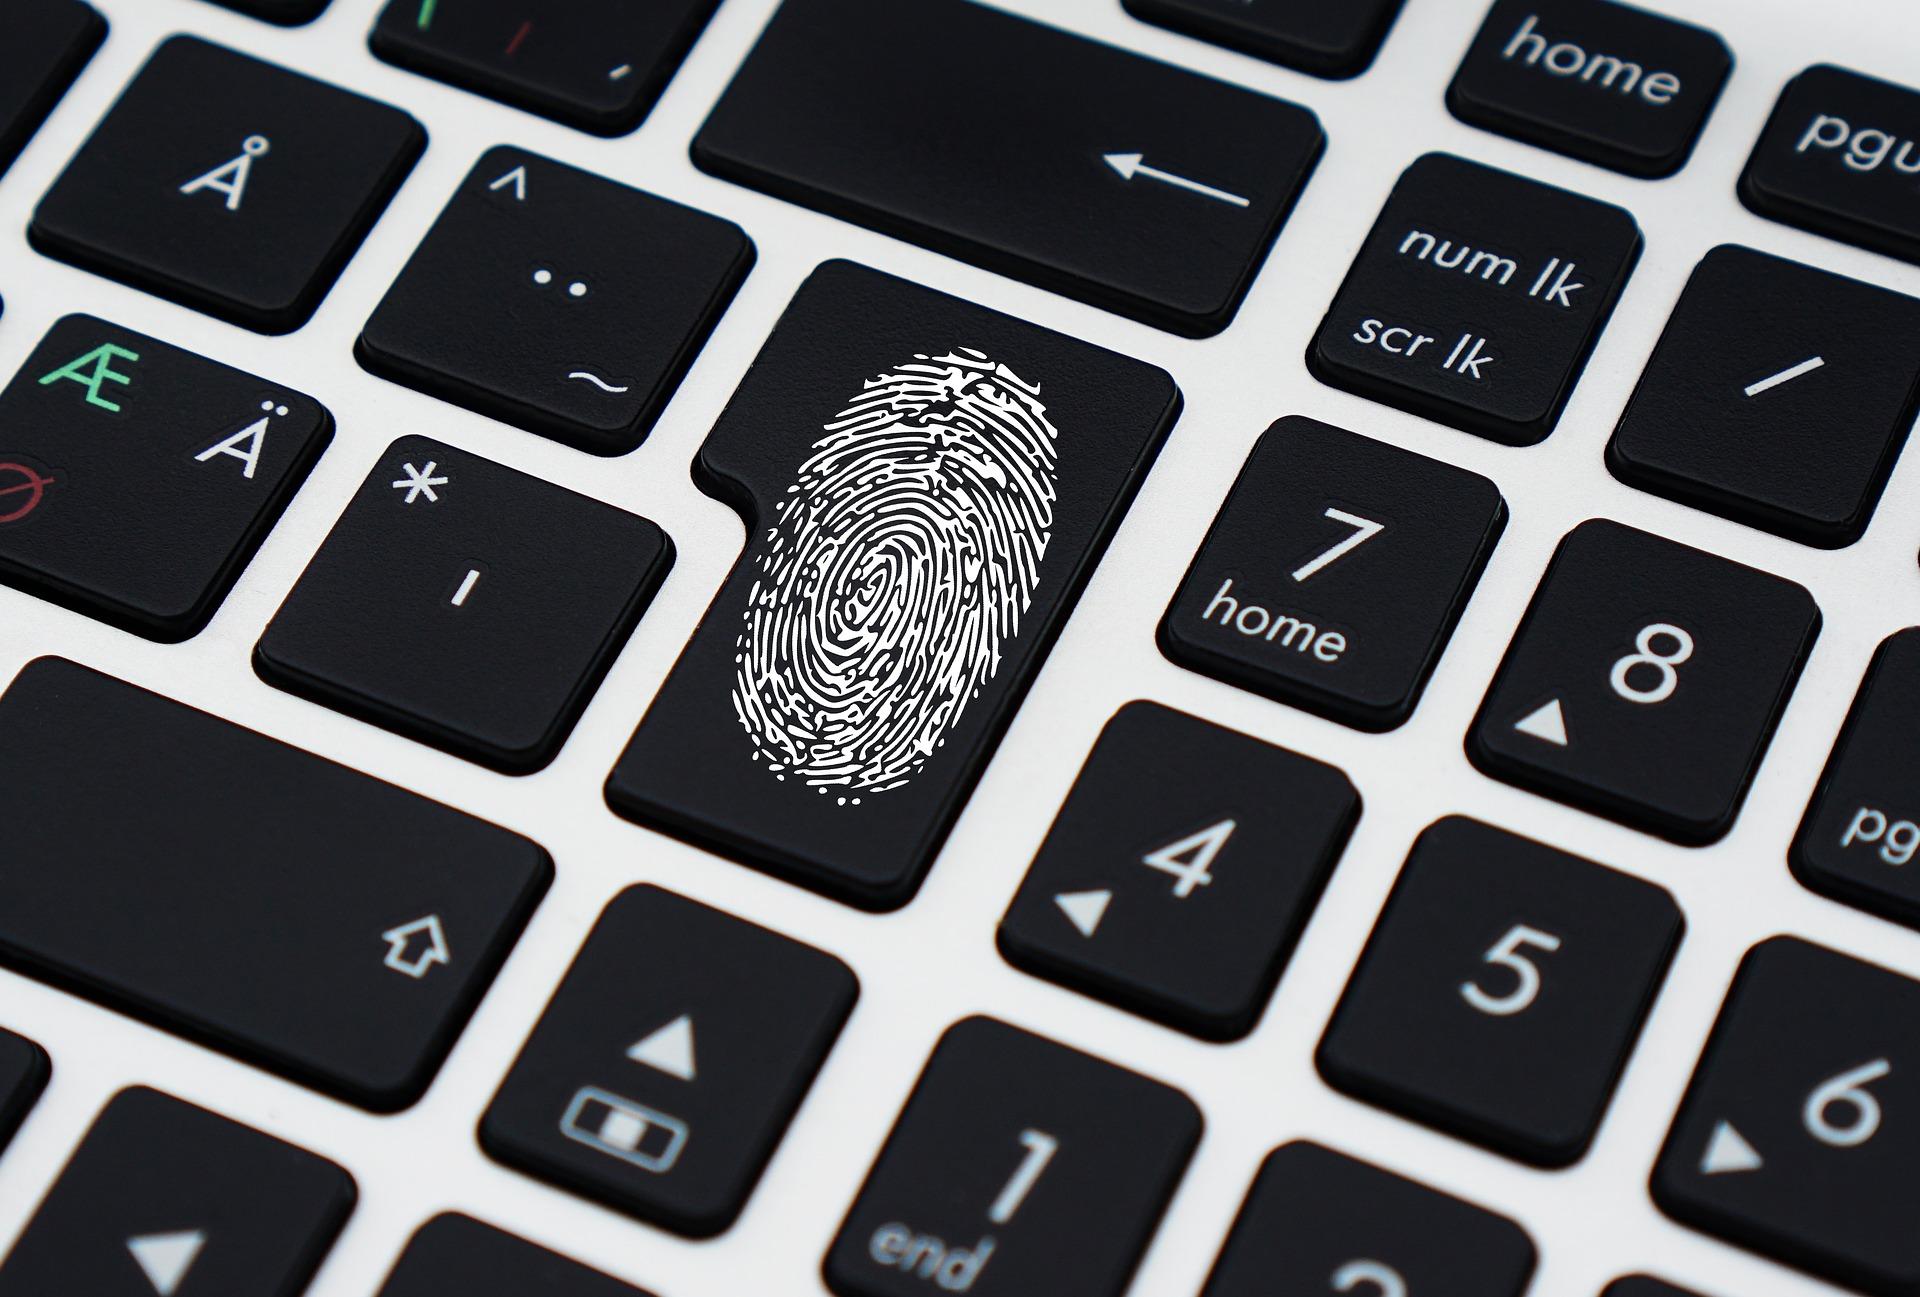 La identidad 2.0 muestra nuestras acciones en la red